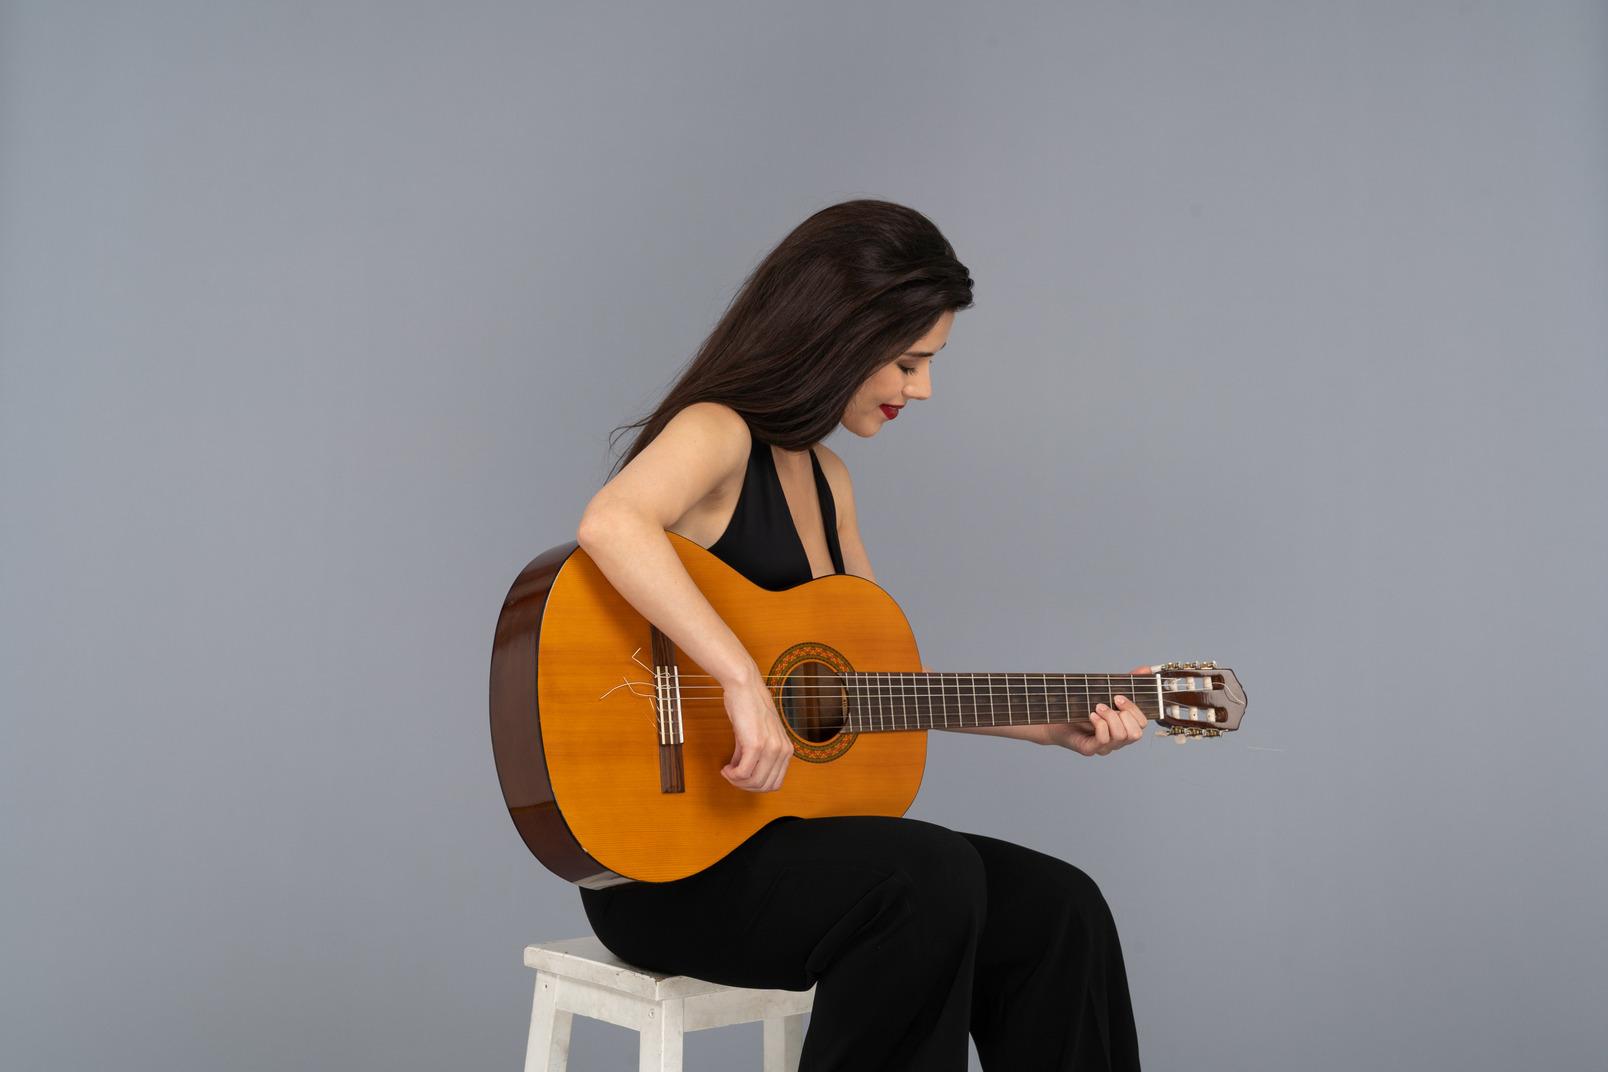 Dreiviertelansicht einer sitzenden jungen dame im schwarzen anzug, die gitarre spielt und nach unten schaut